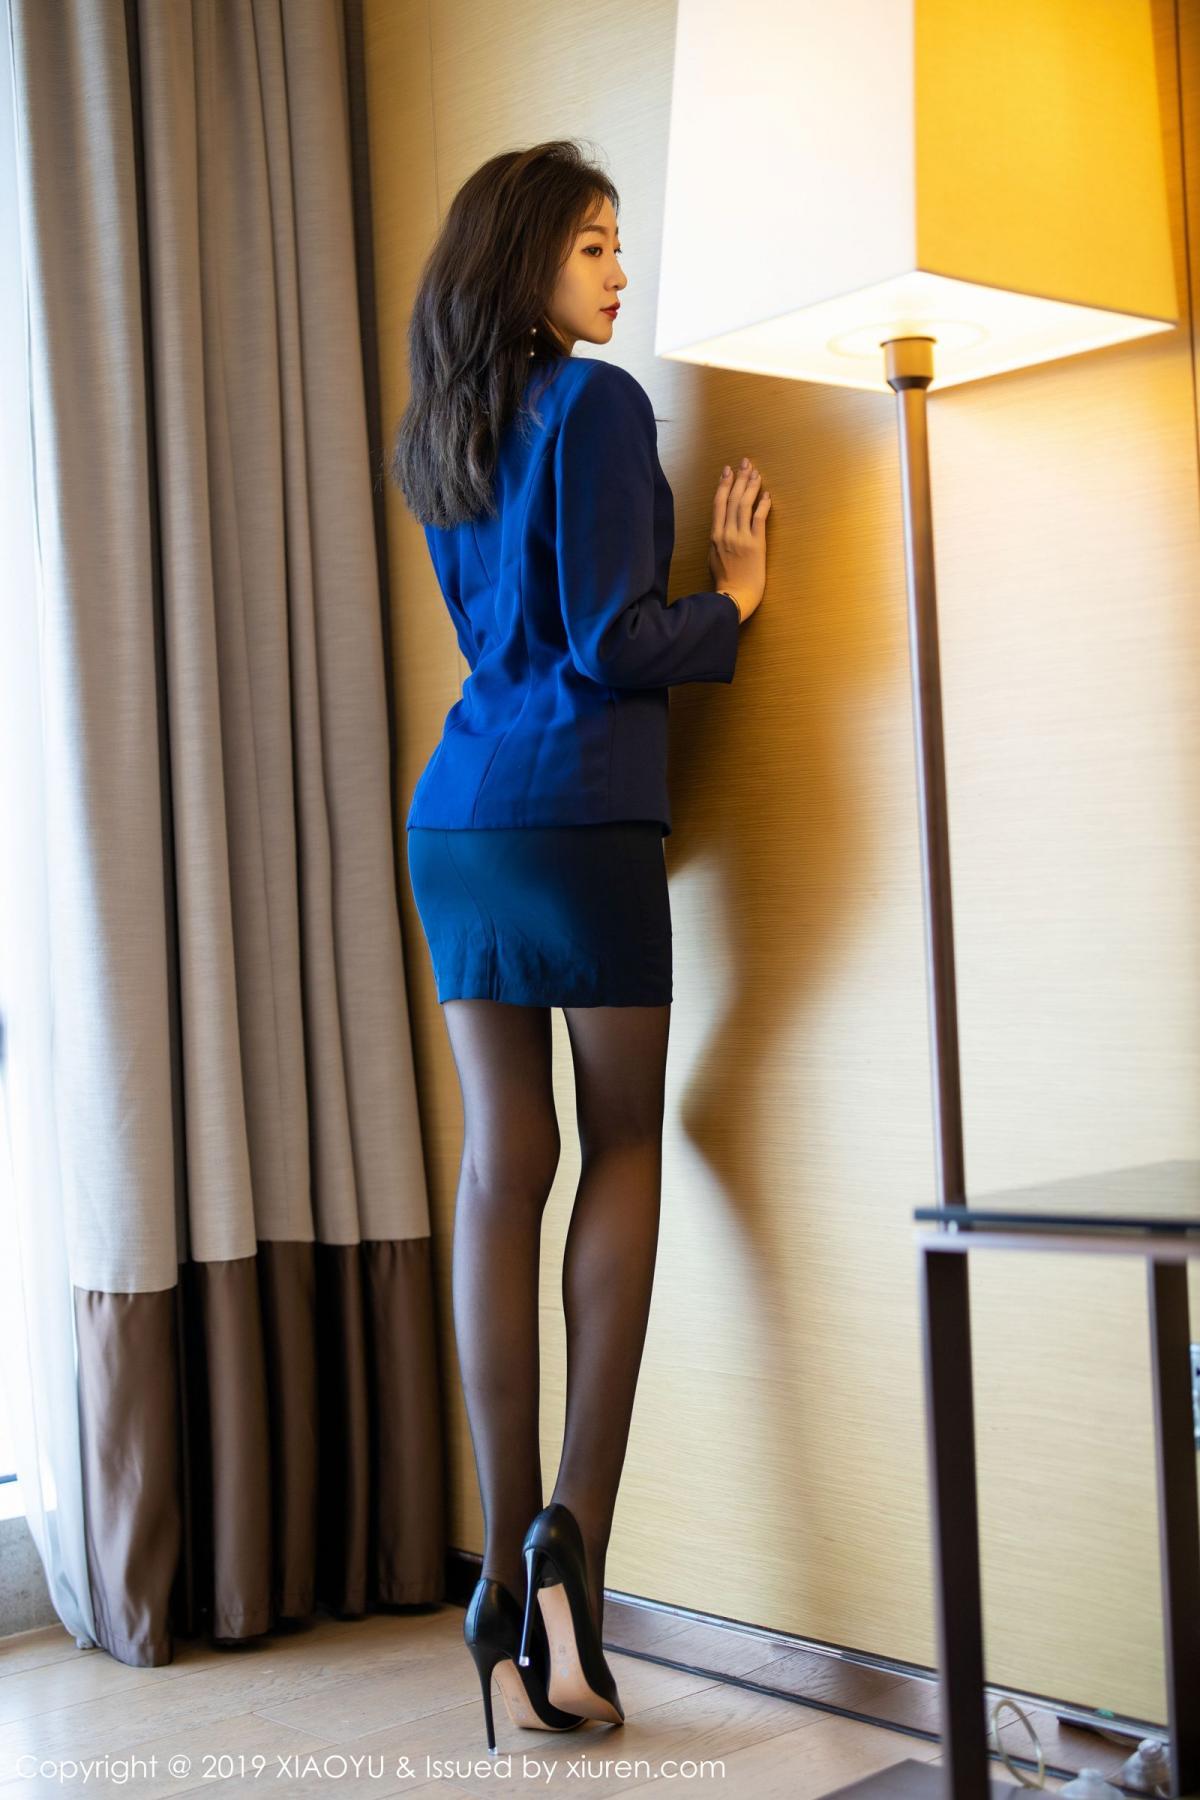 [XiaoYu] Vol.203 An Qi Yee 5P, An Qi Yee, Black Silk, Tall, Uniform, XiaoYu